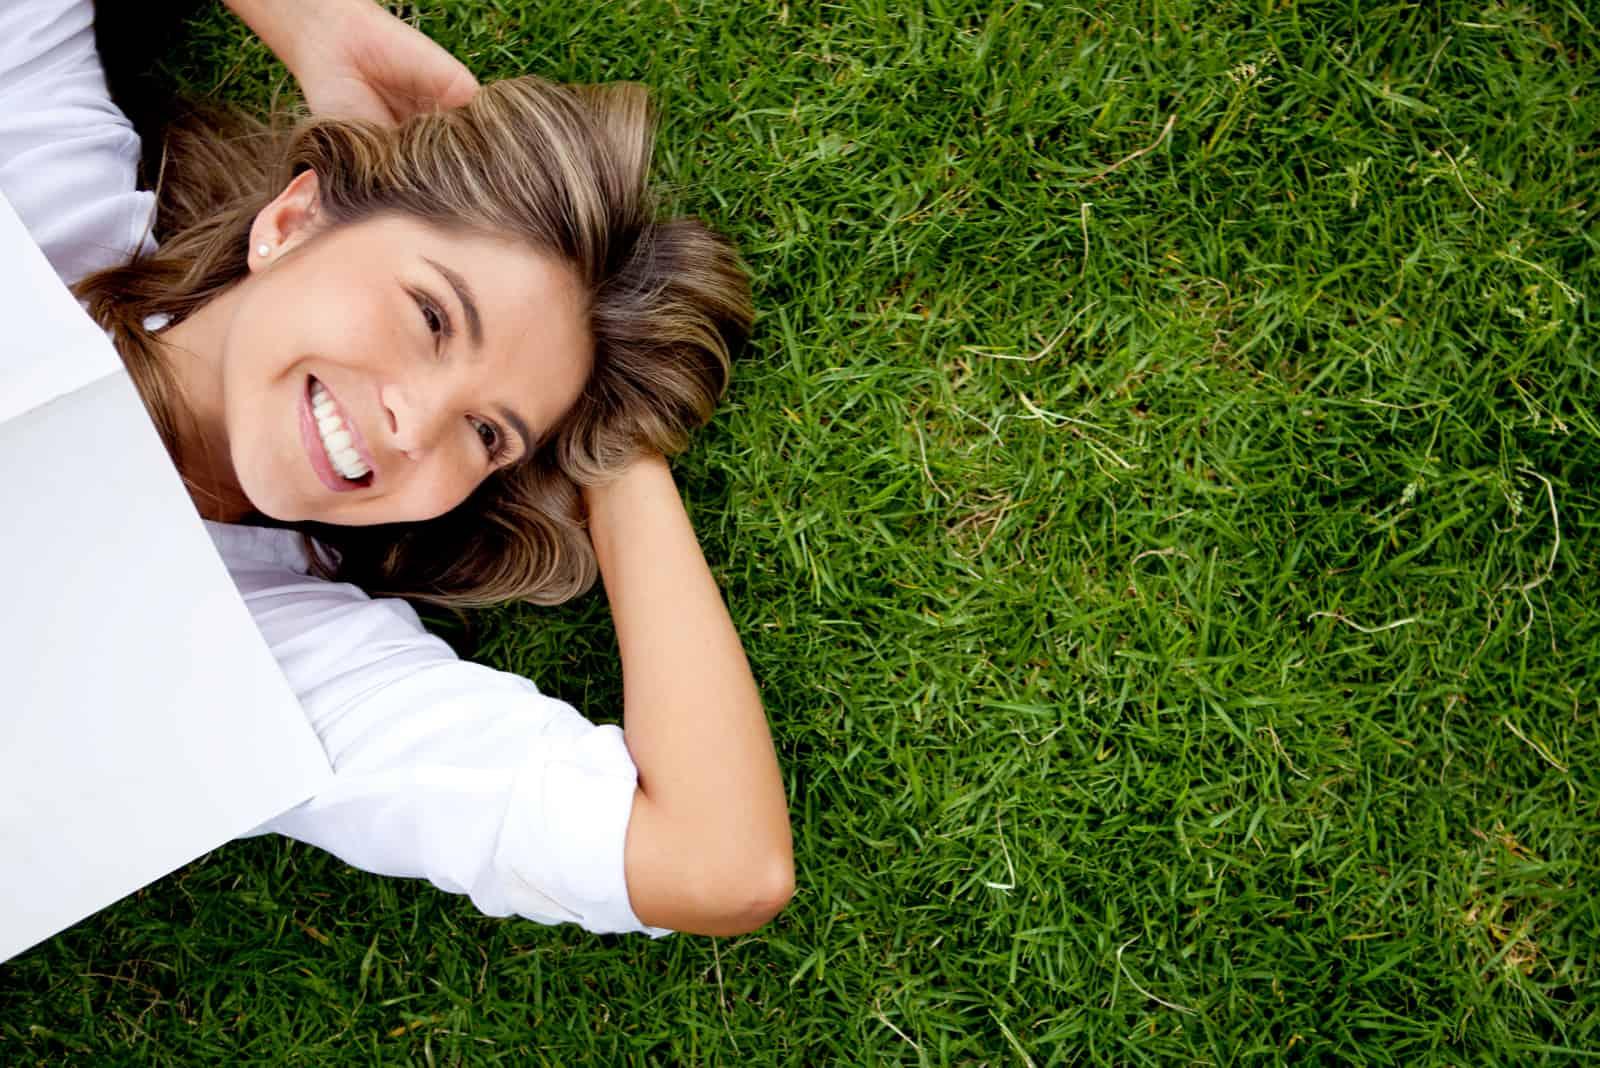 une femme souriante allongée sur l'herbe